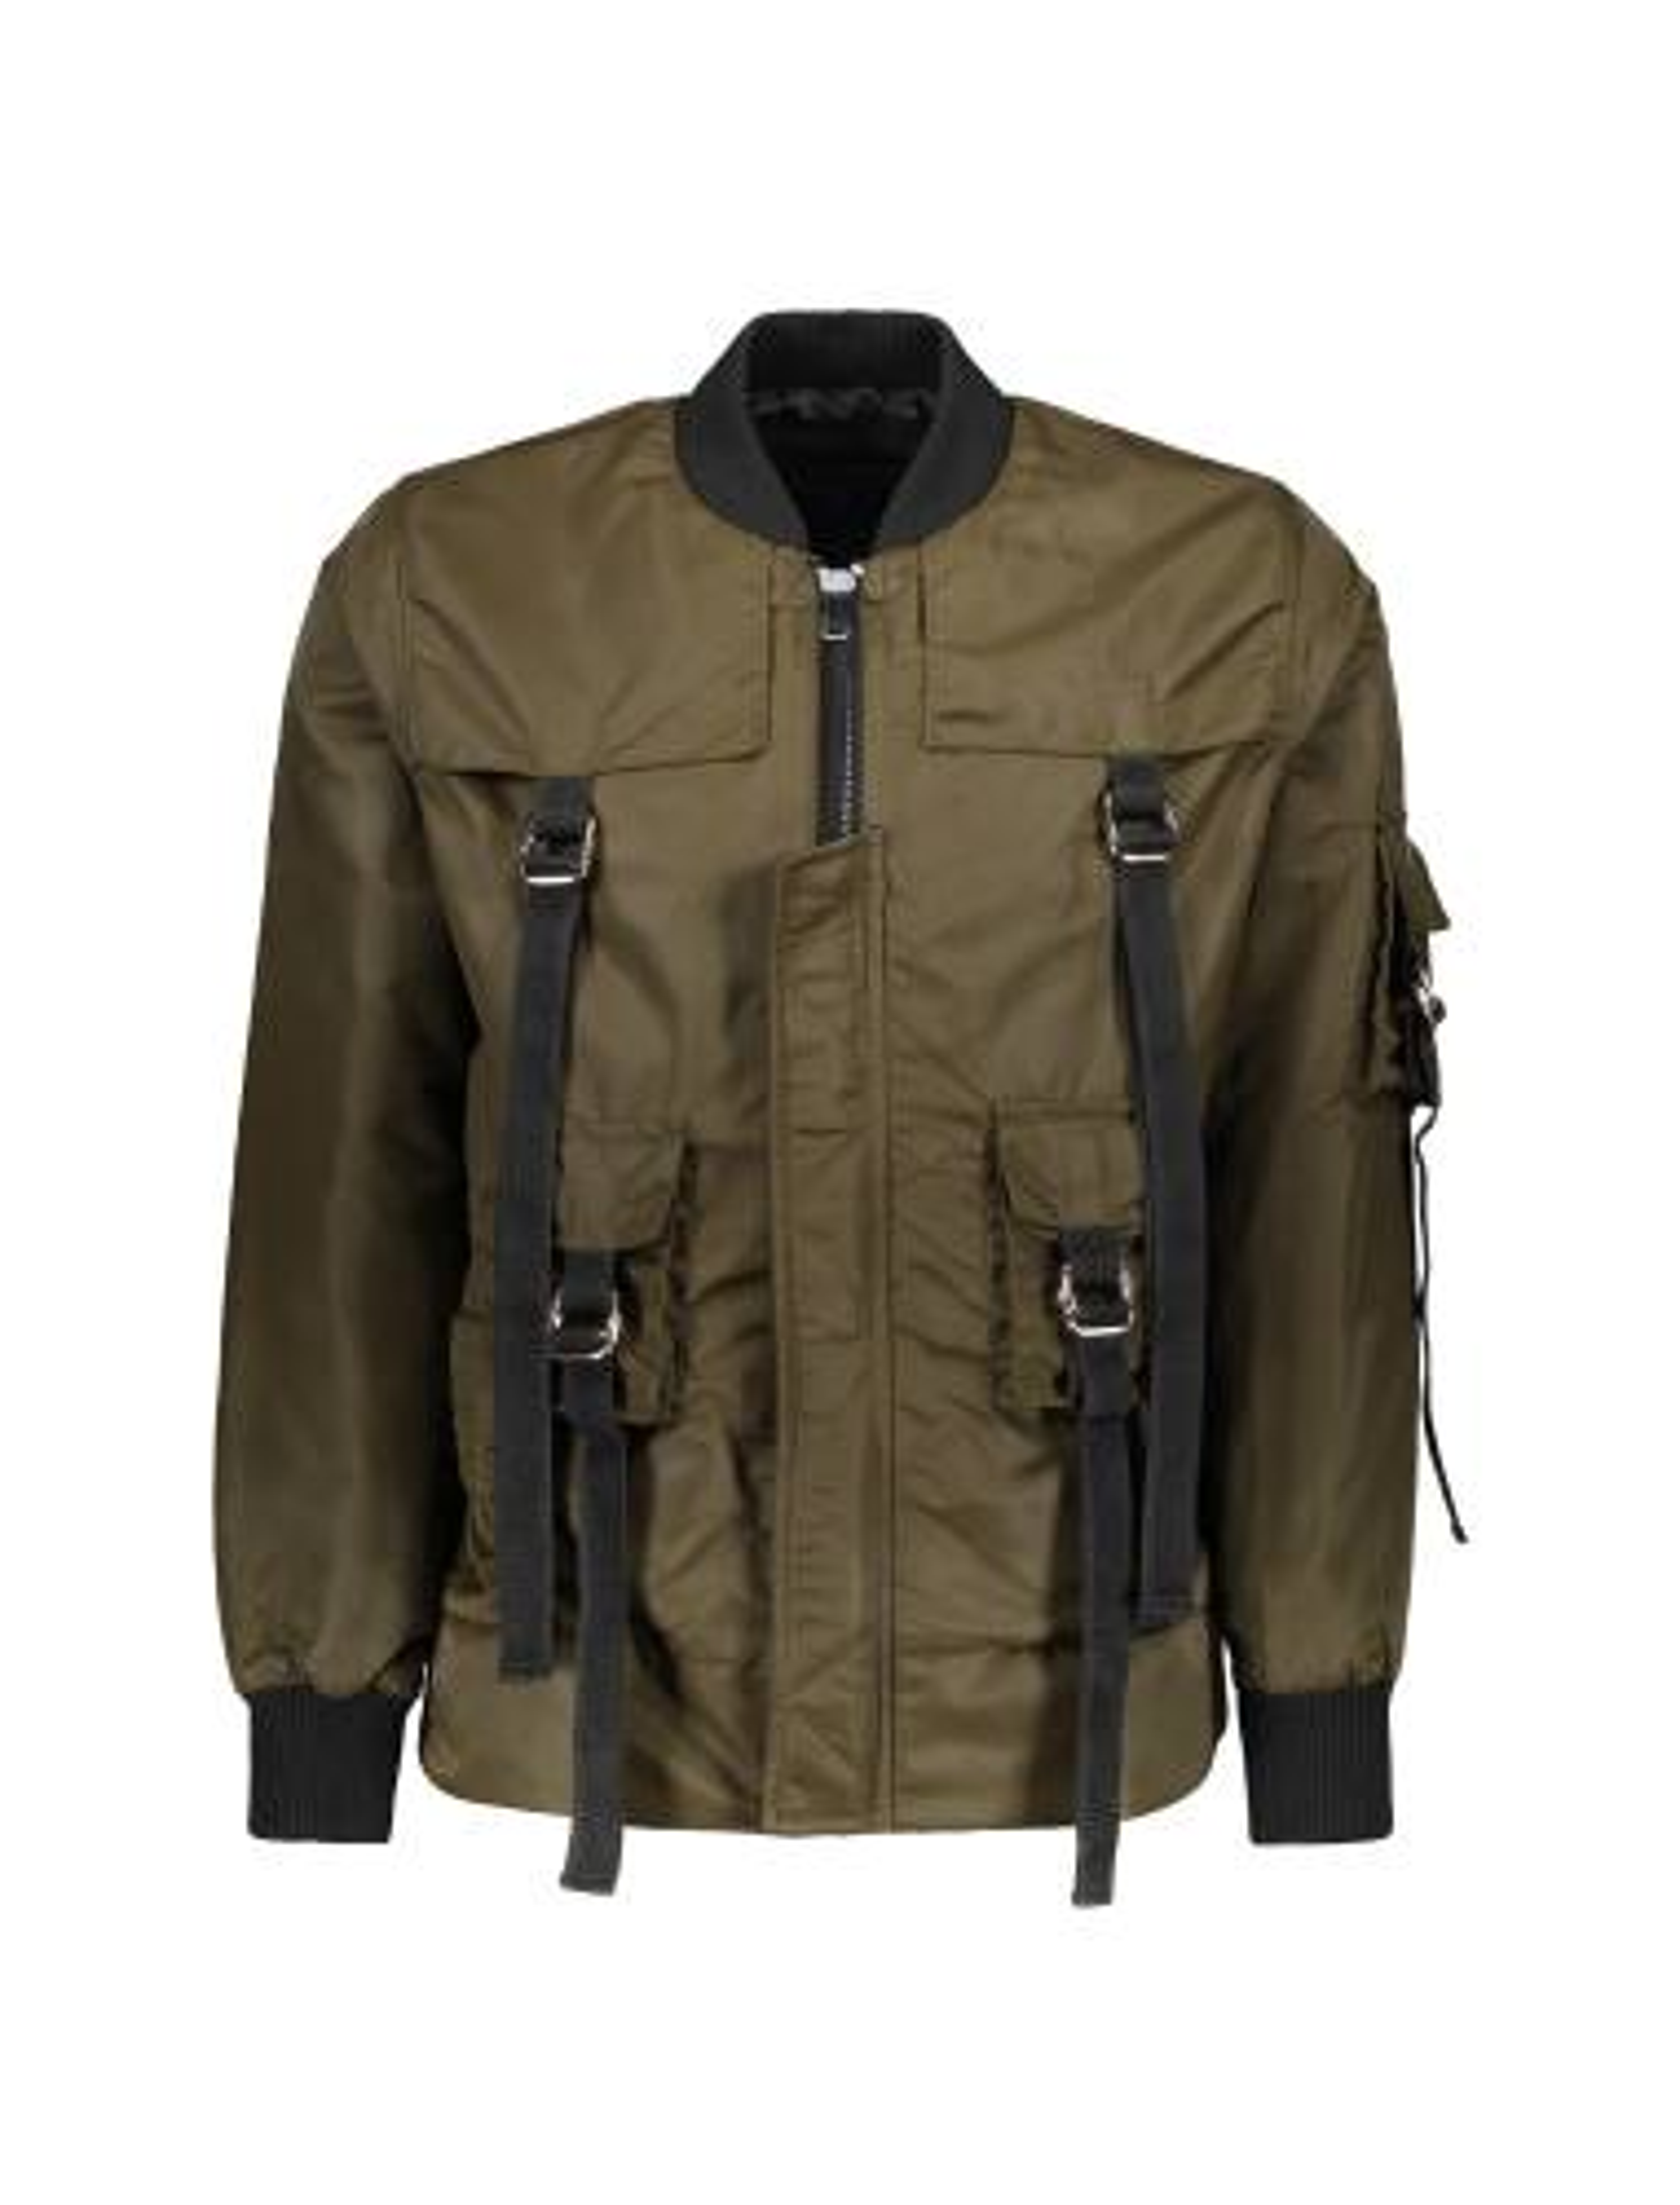 کاپشن کوتاه مردانه Green Straight Jacket - یونیتی